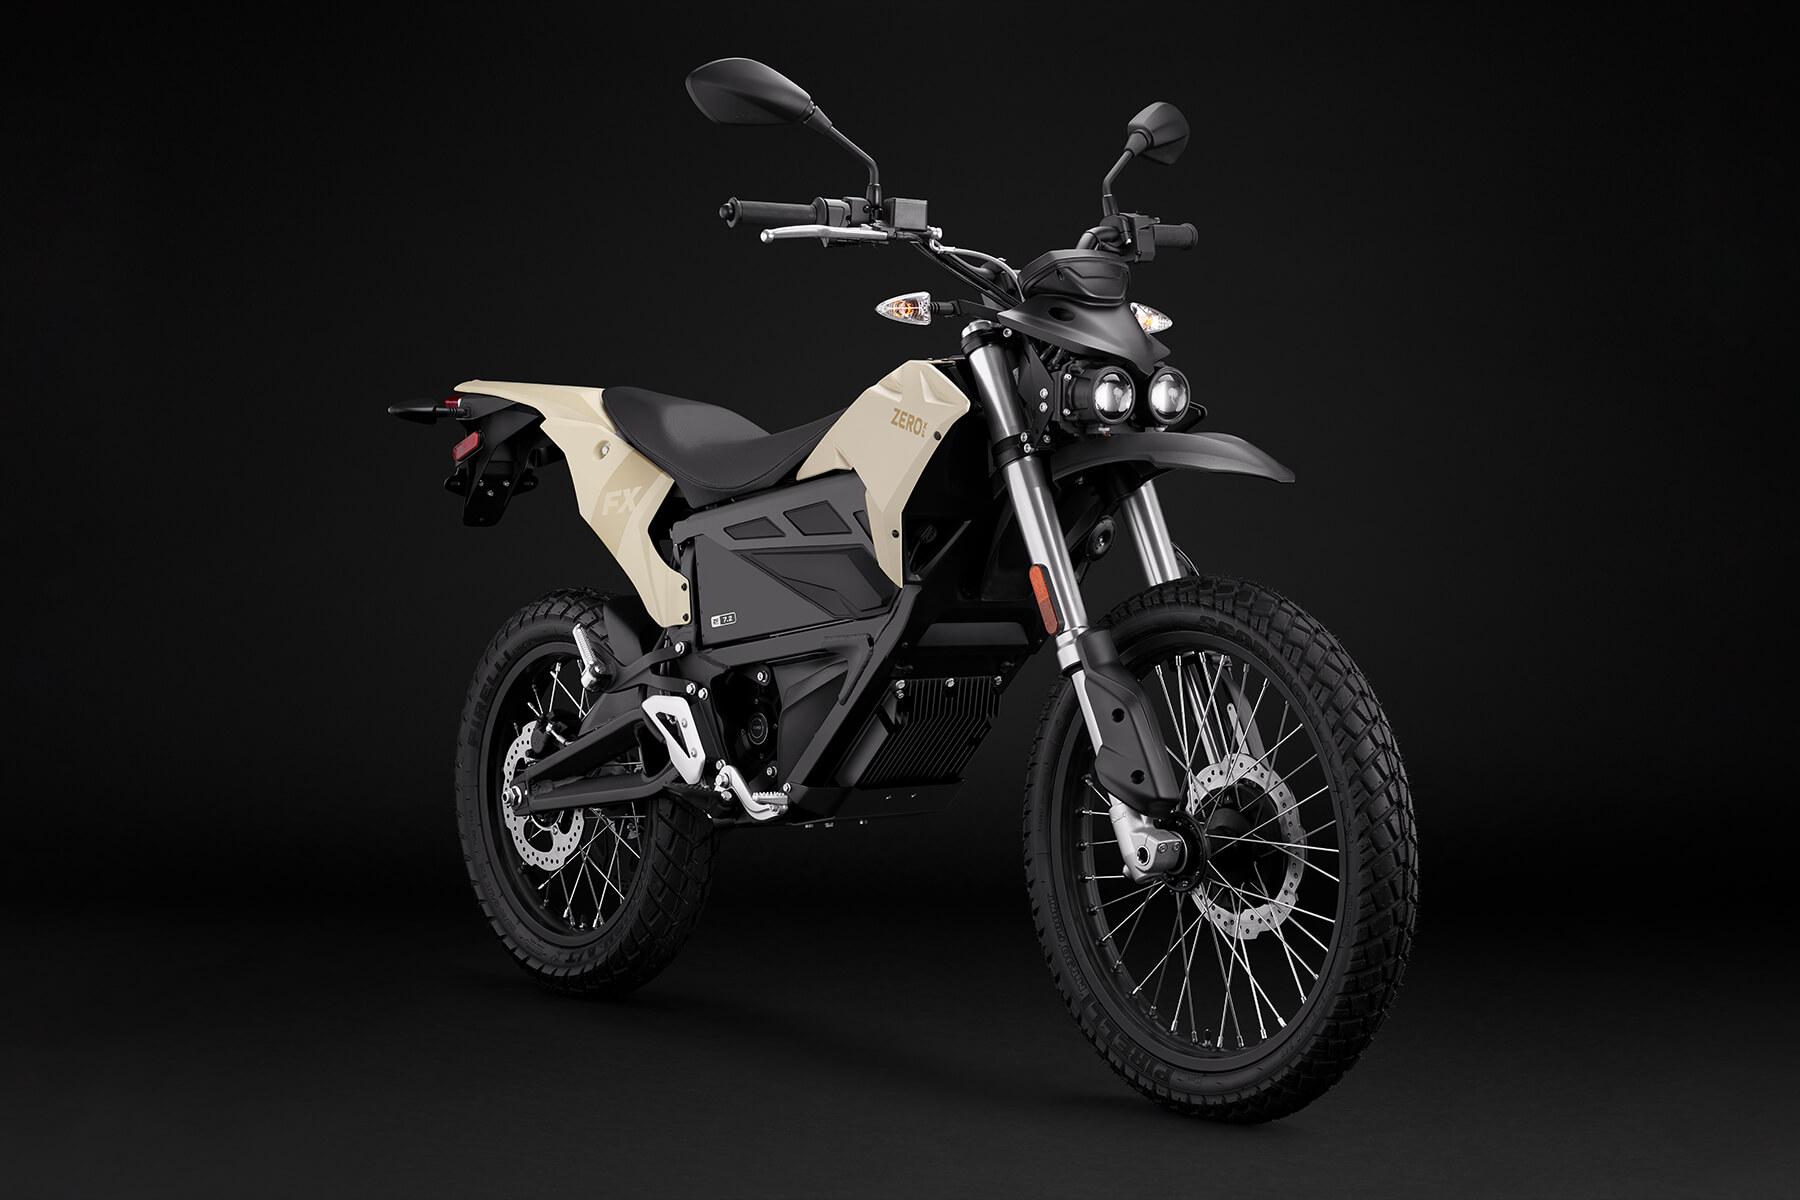 2020 Zero Motorcycles FX